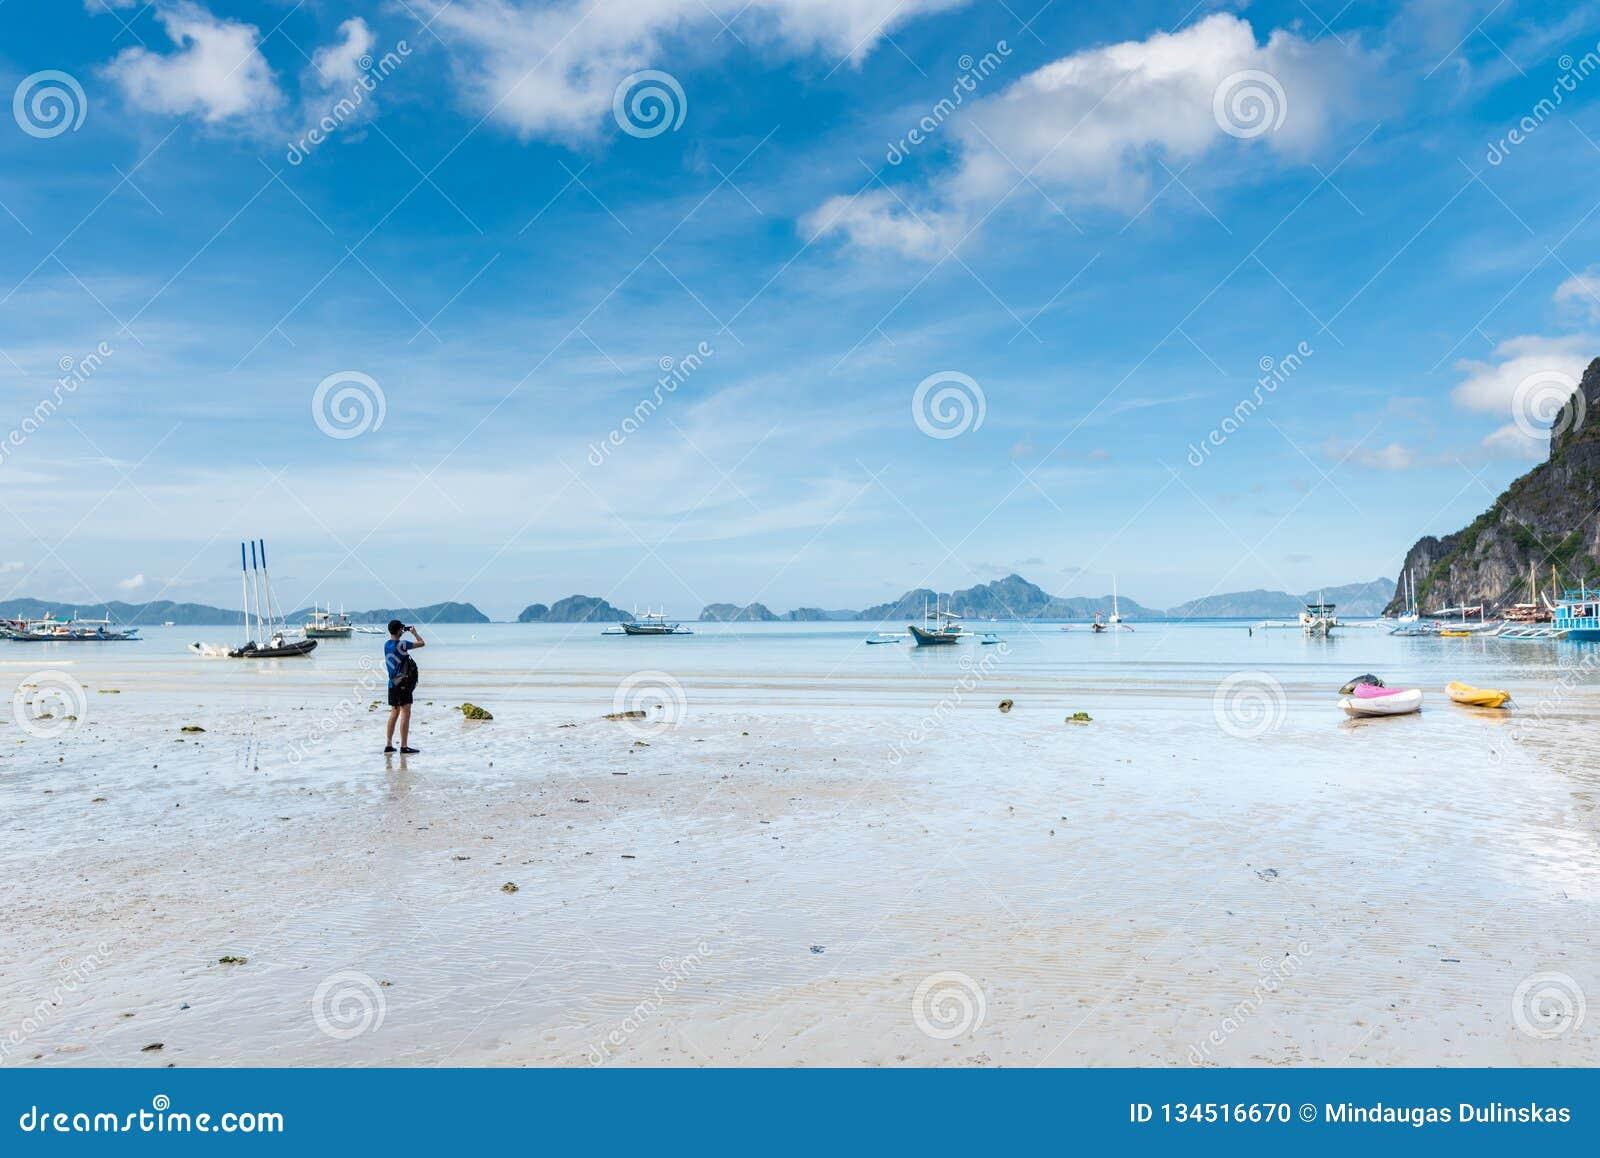 De Kust van Gr Nido in Palawan Eb en Berg met Boten op Achtergrond